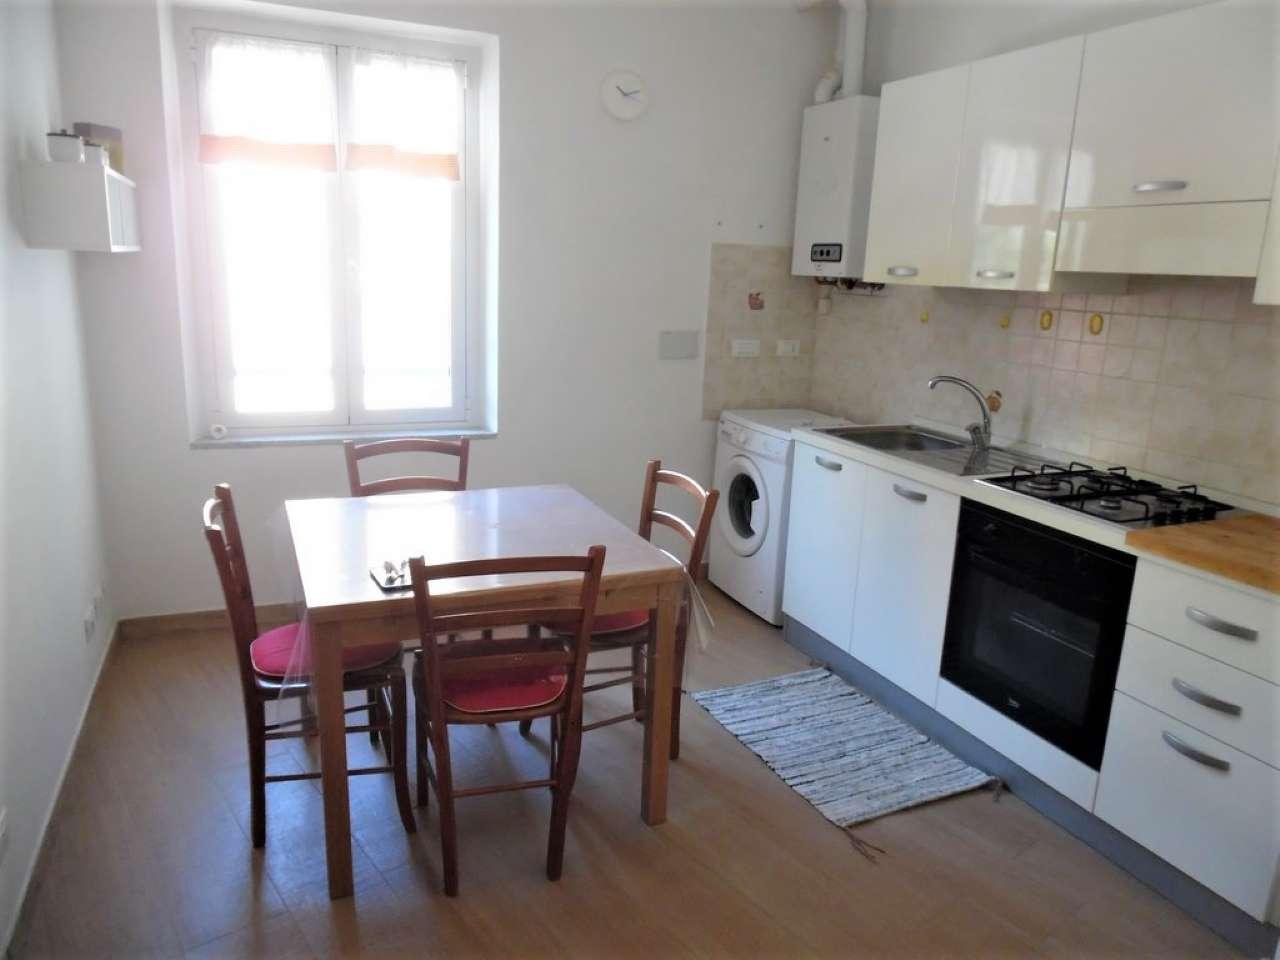 Appartamento in affitto a Ceranesi, 2 locali, prezzo € 400 | PortaleAgenzieImmobiliari.it